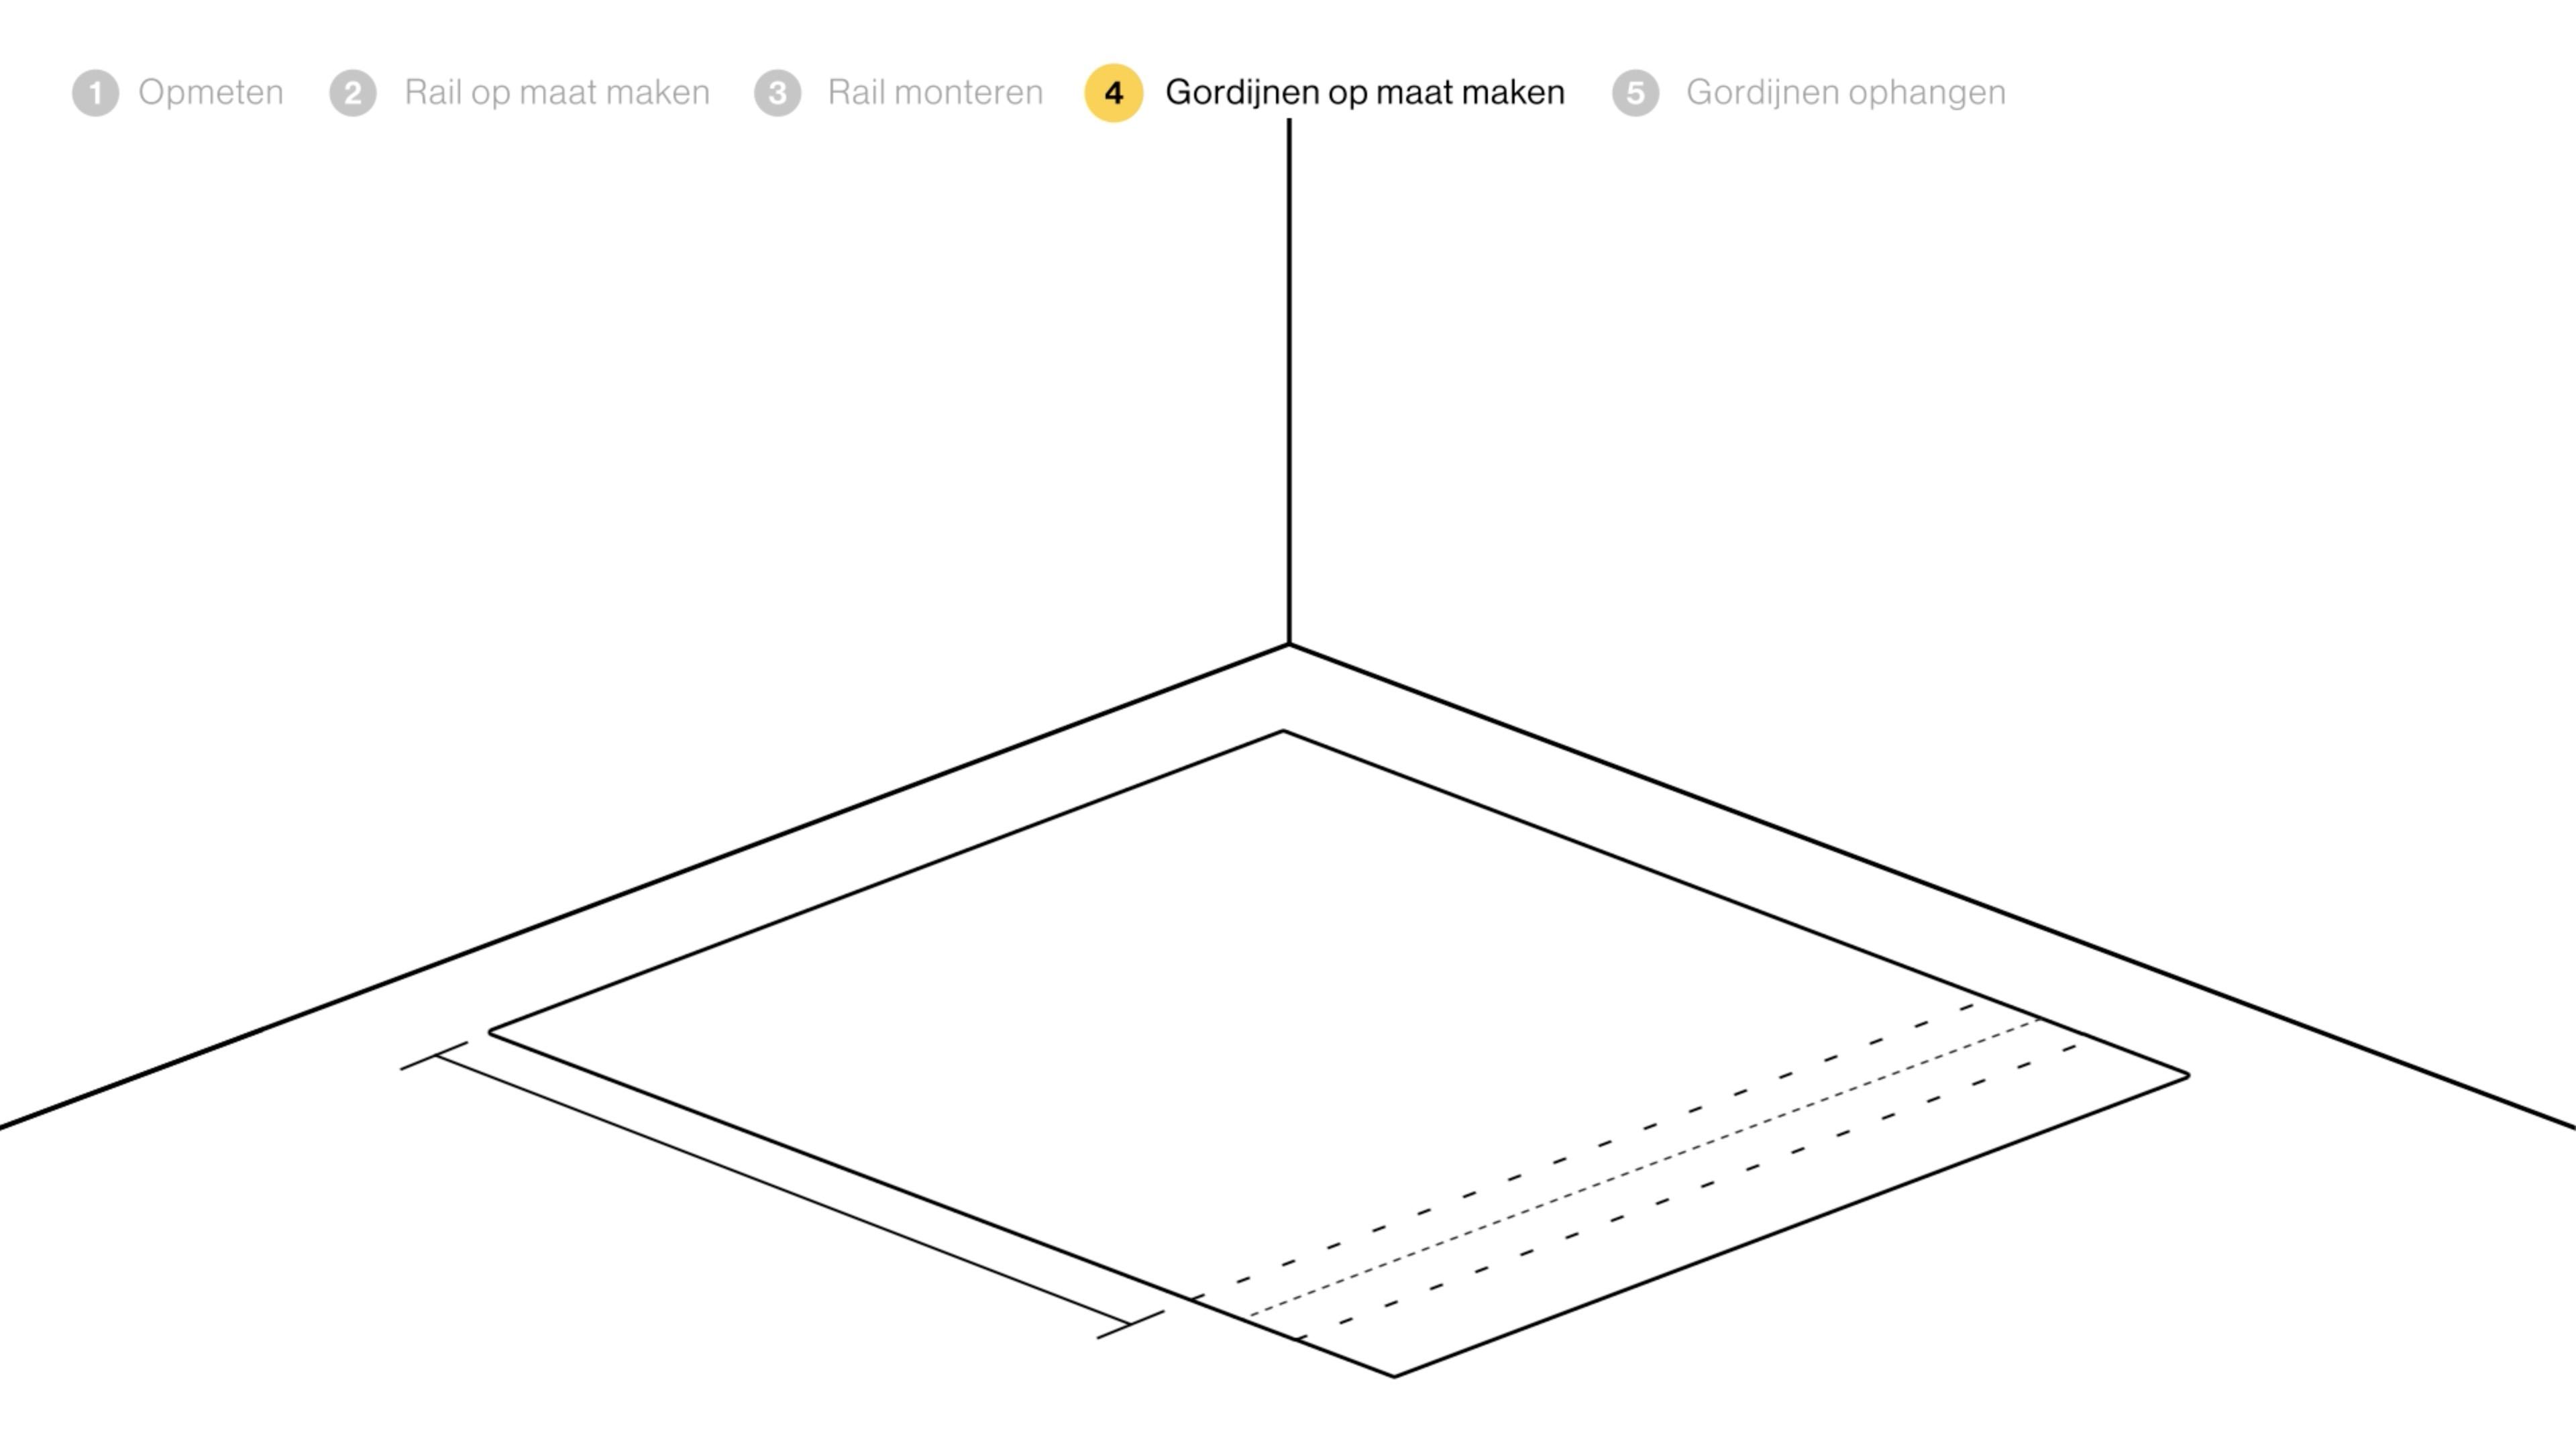 Best Gordijnen Opmeten Hoe Images - Trend Ideas 2018 ...